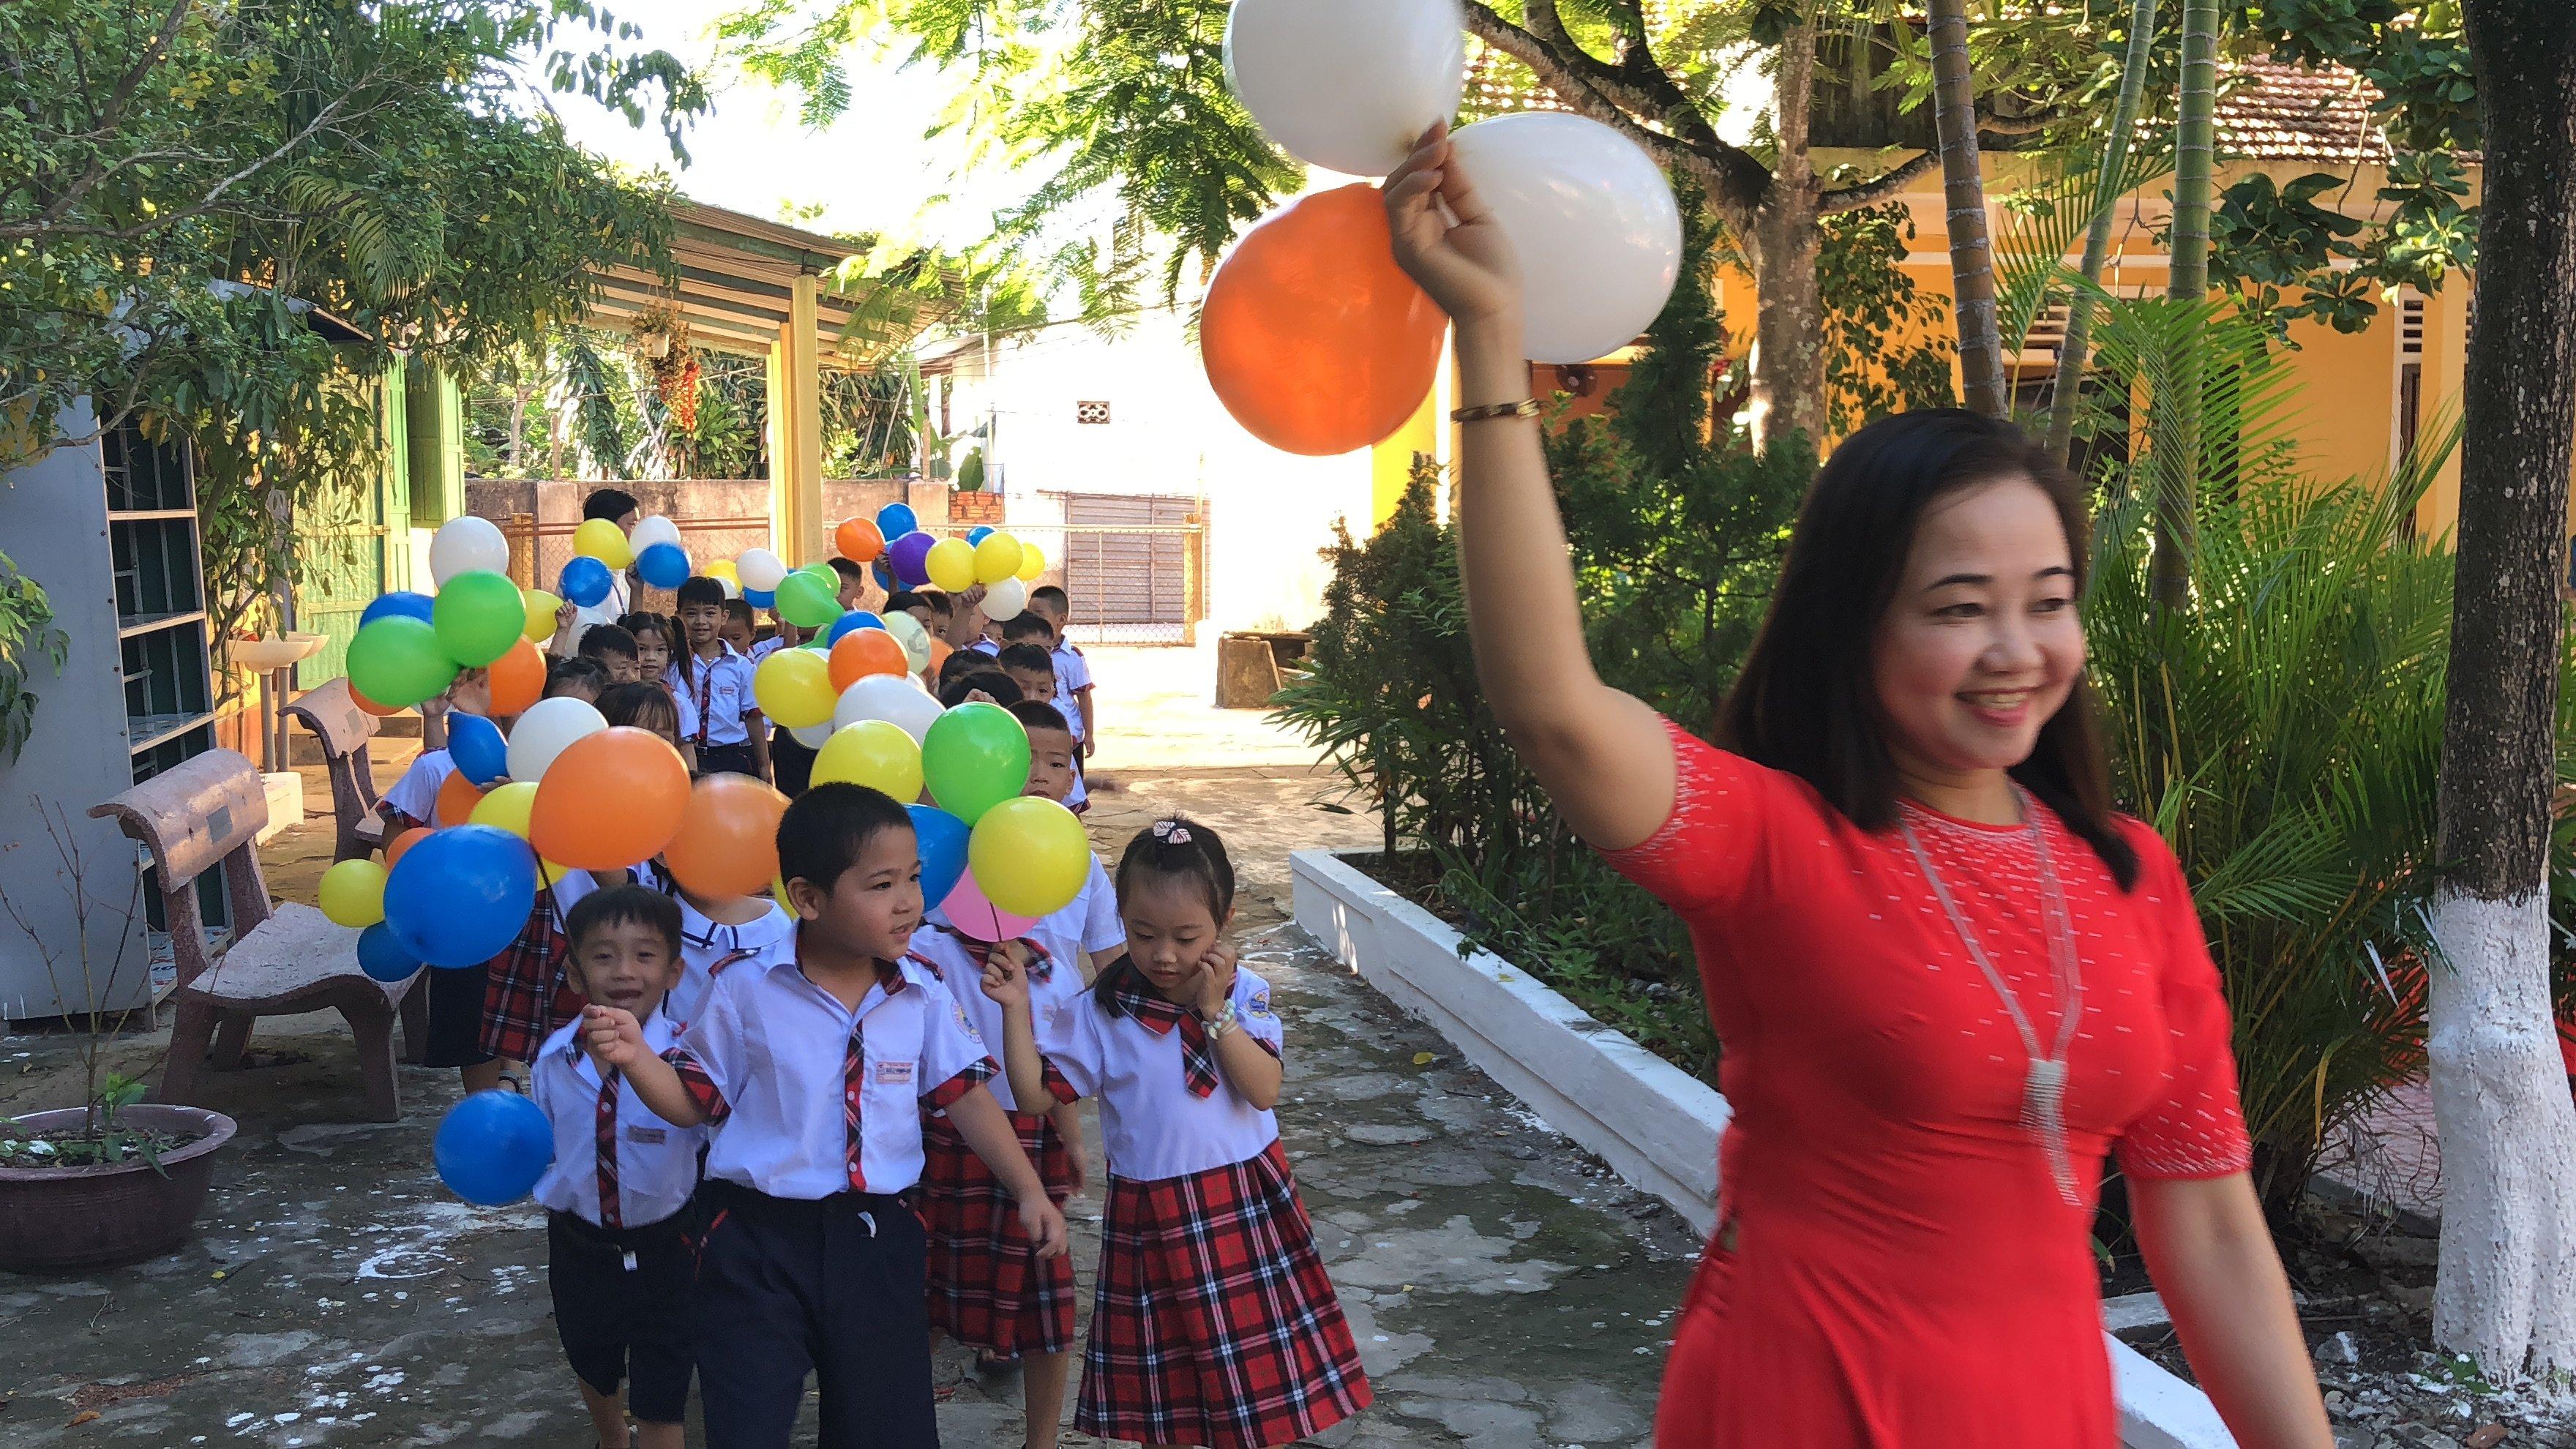 Tưng bừng khai giảng năm học mới tại Trường tiểu học Vinh An 2 và Trường THCS An Bằng-Vinh An.